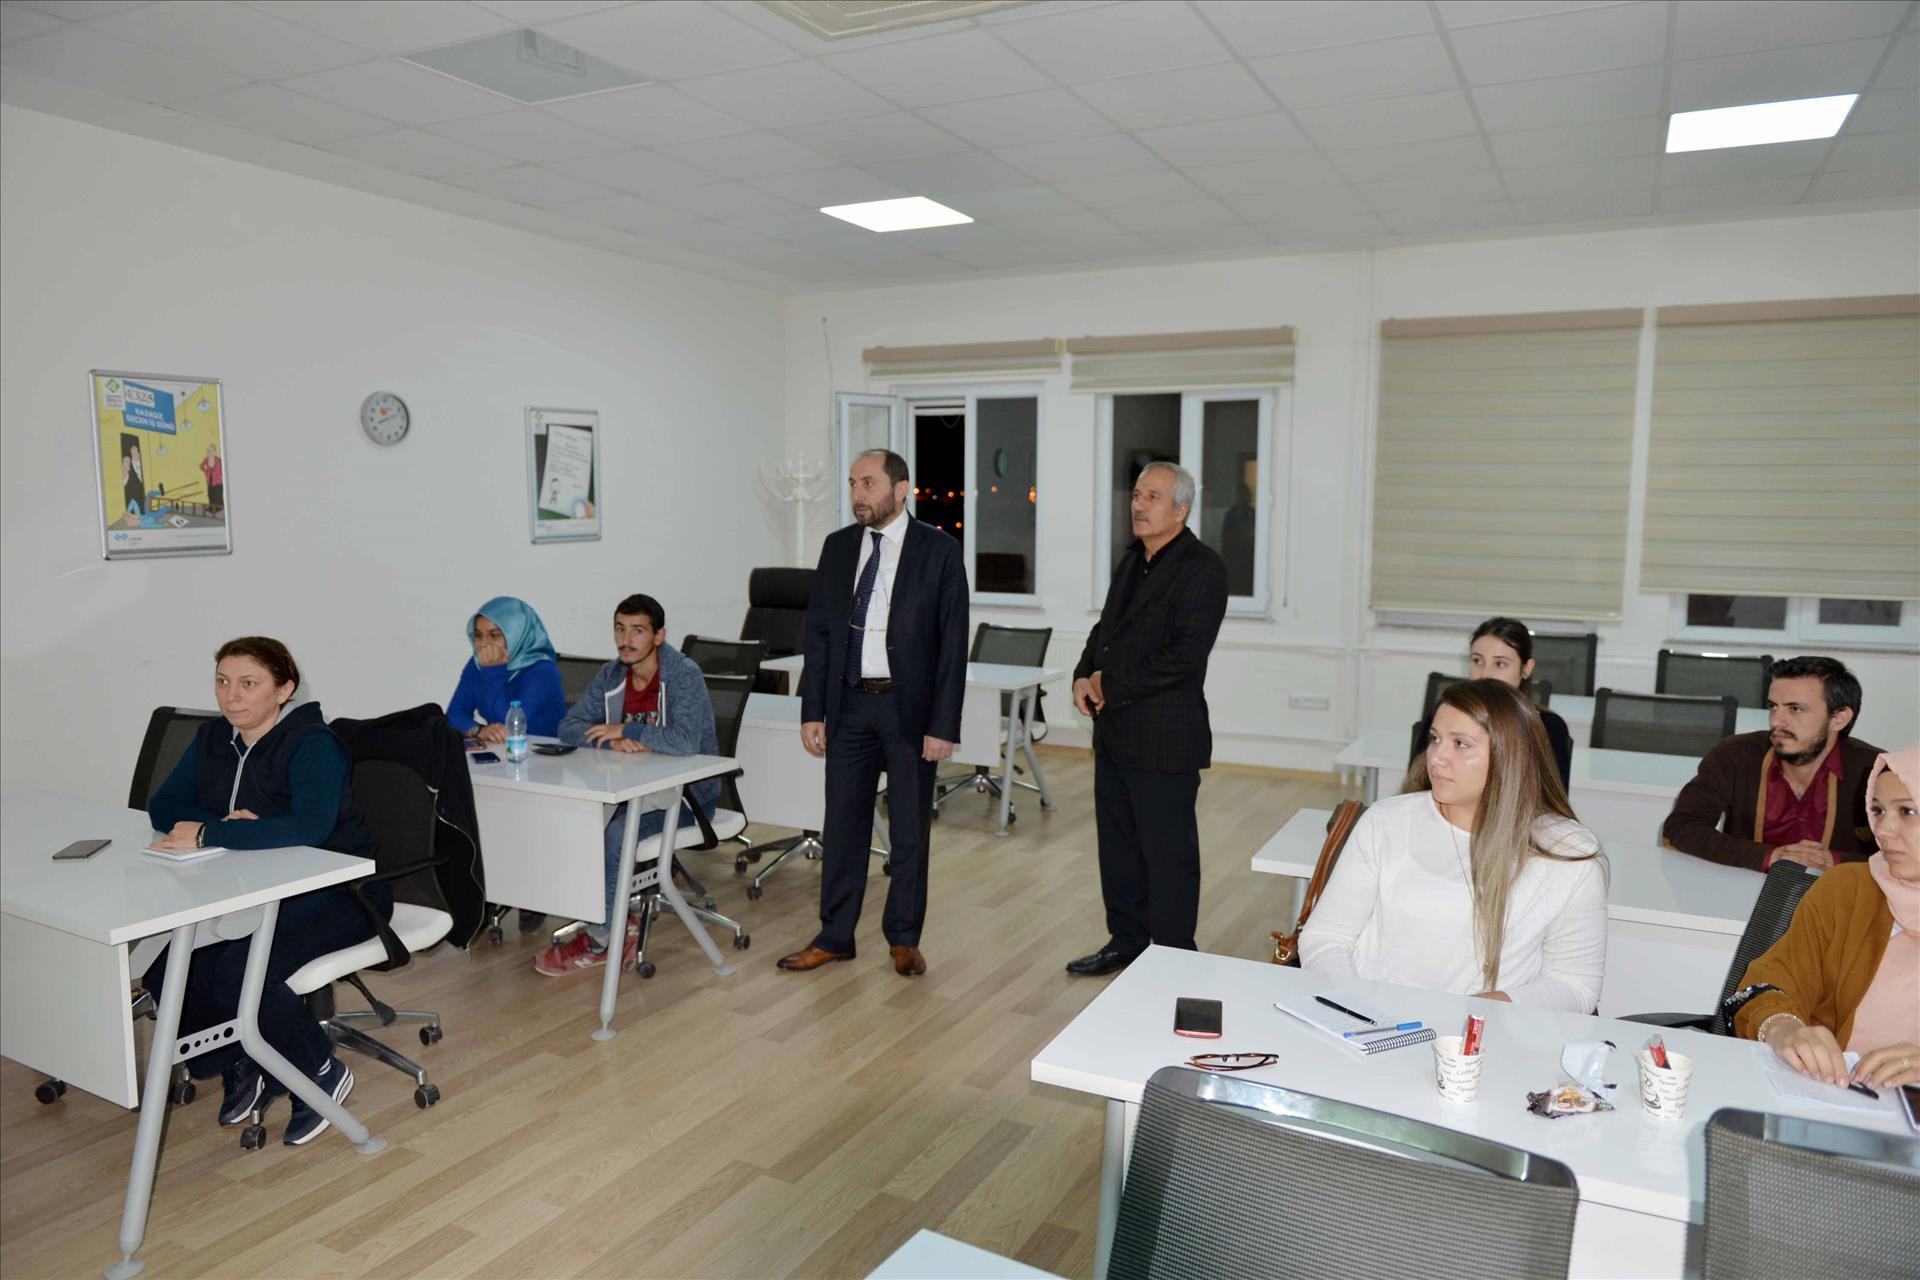 Bölgede Tek Olan İSG Eğitim Kursumuzdan Türkiye Ortalamasının Üzerinde Bir Başarı